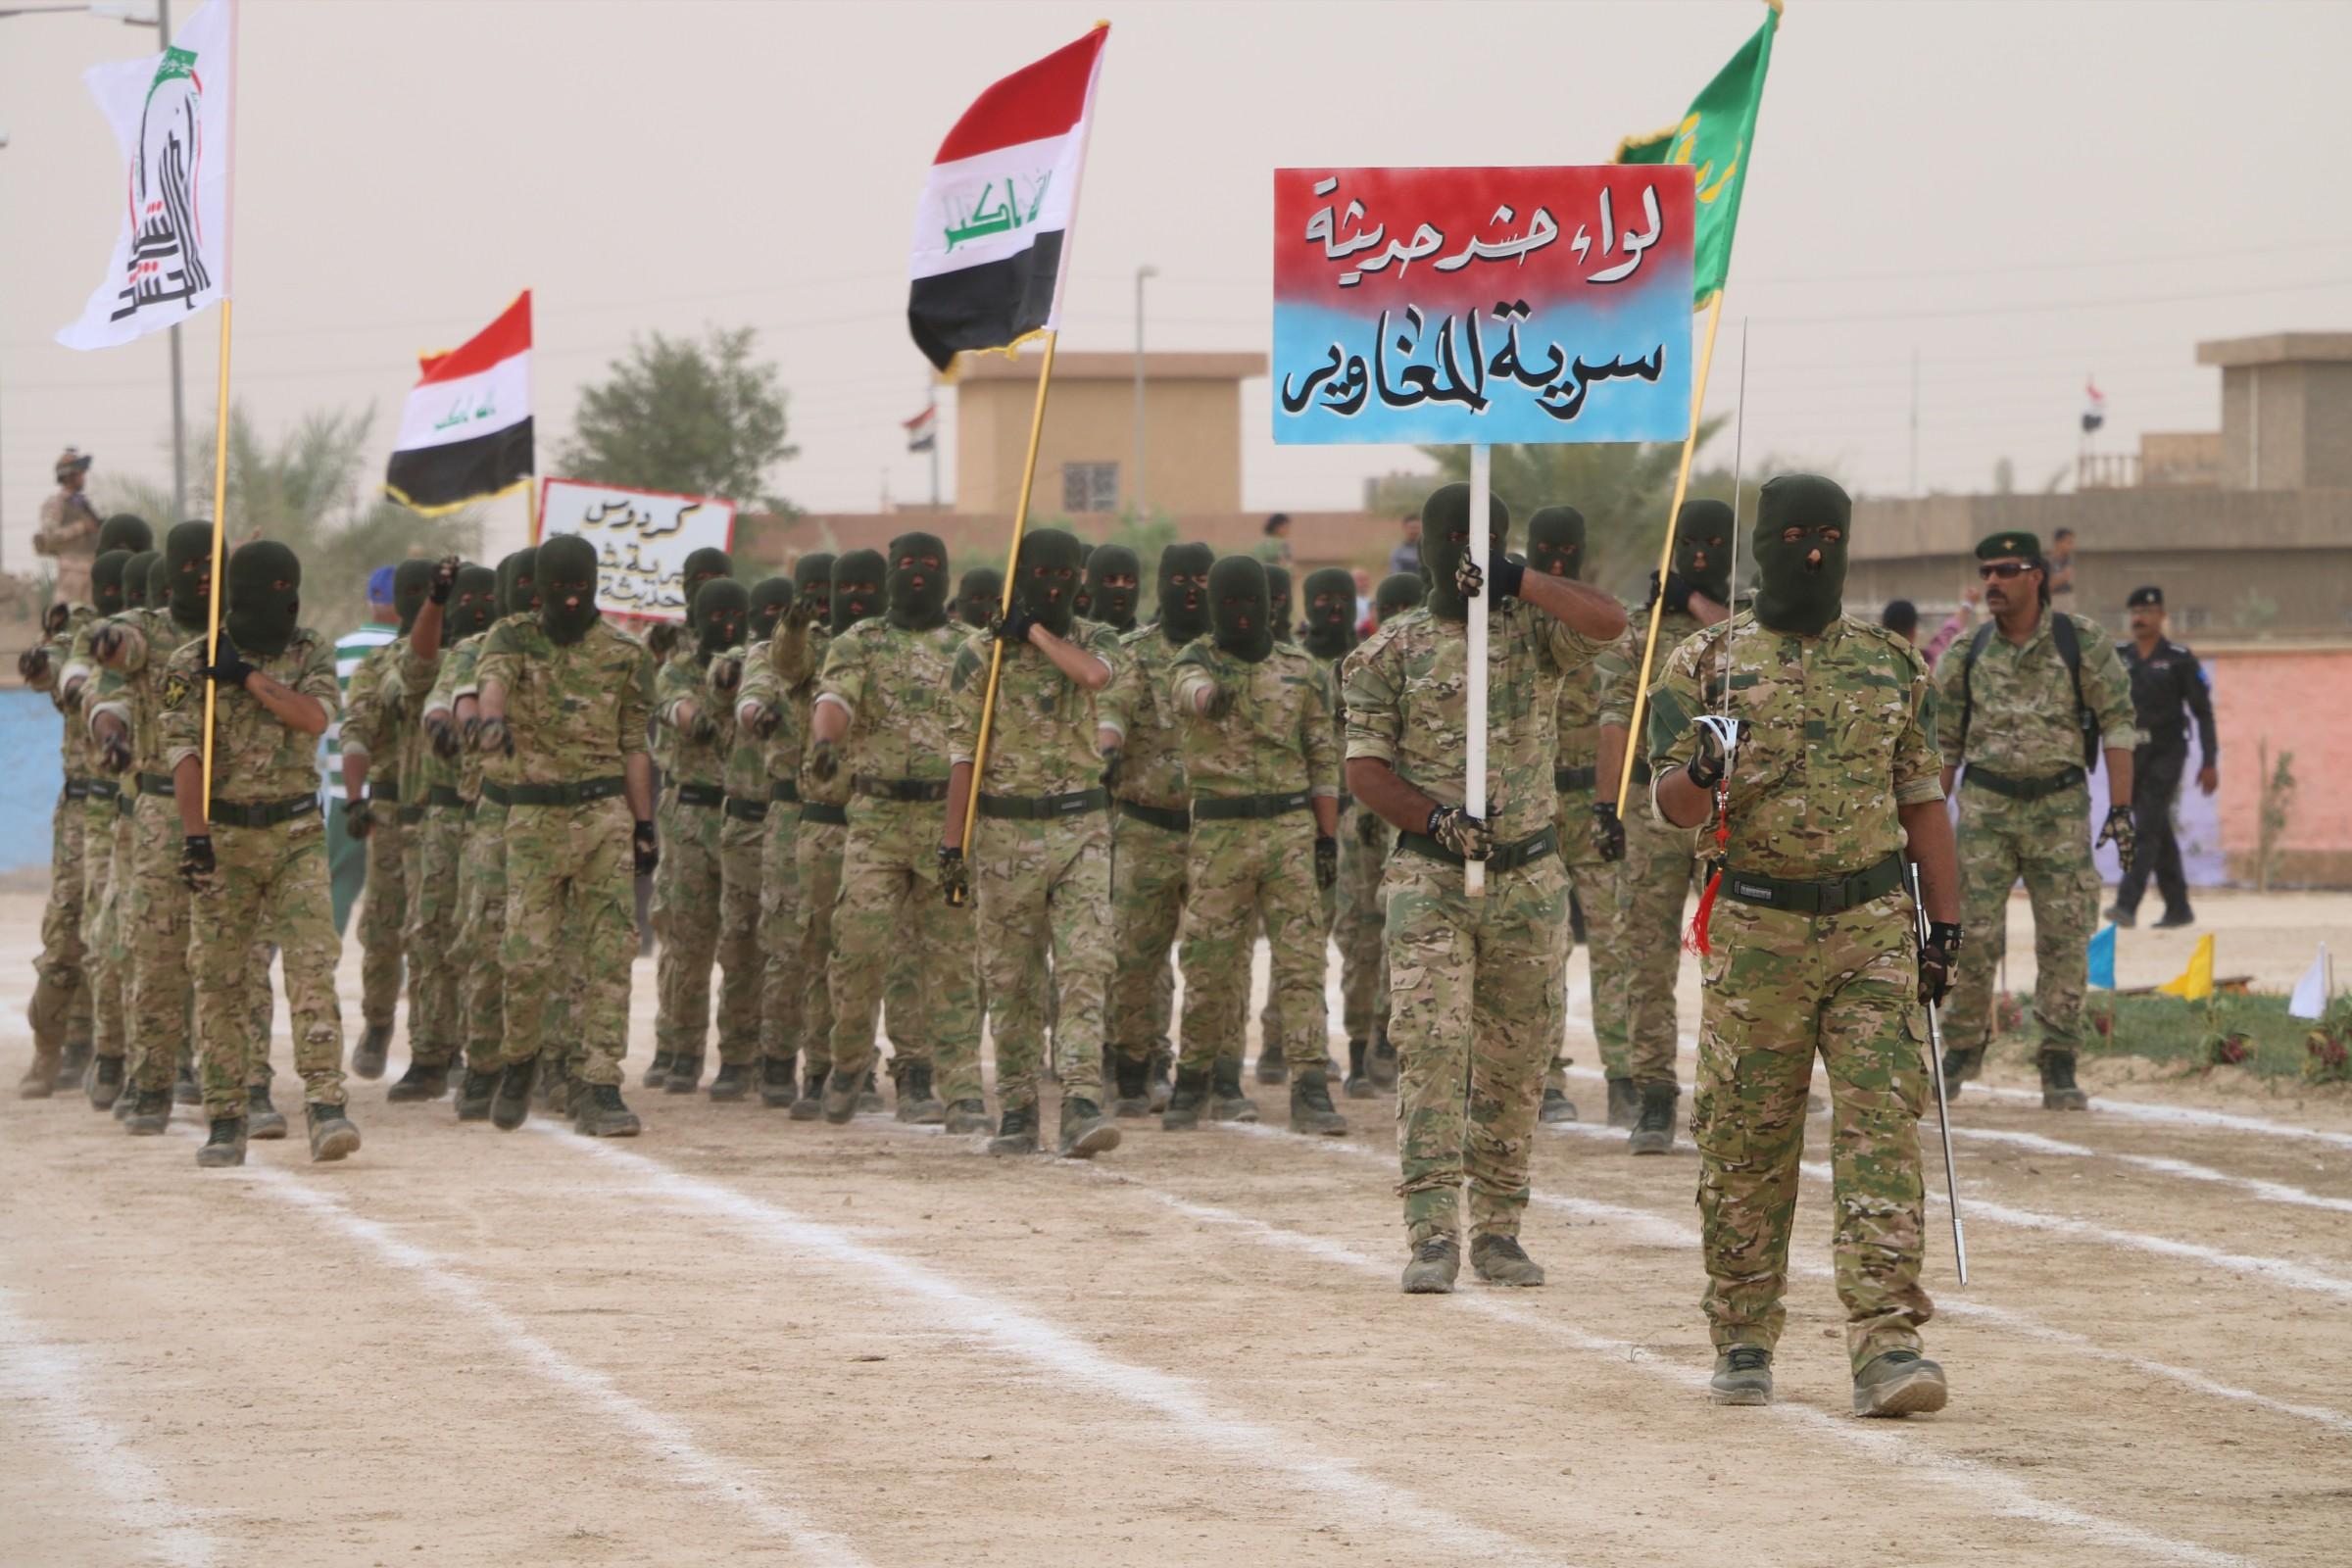 حشد حديثة: سنشارك بتحرير المناطق الغربية رغم امكانياتنا الضعيفة